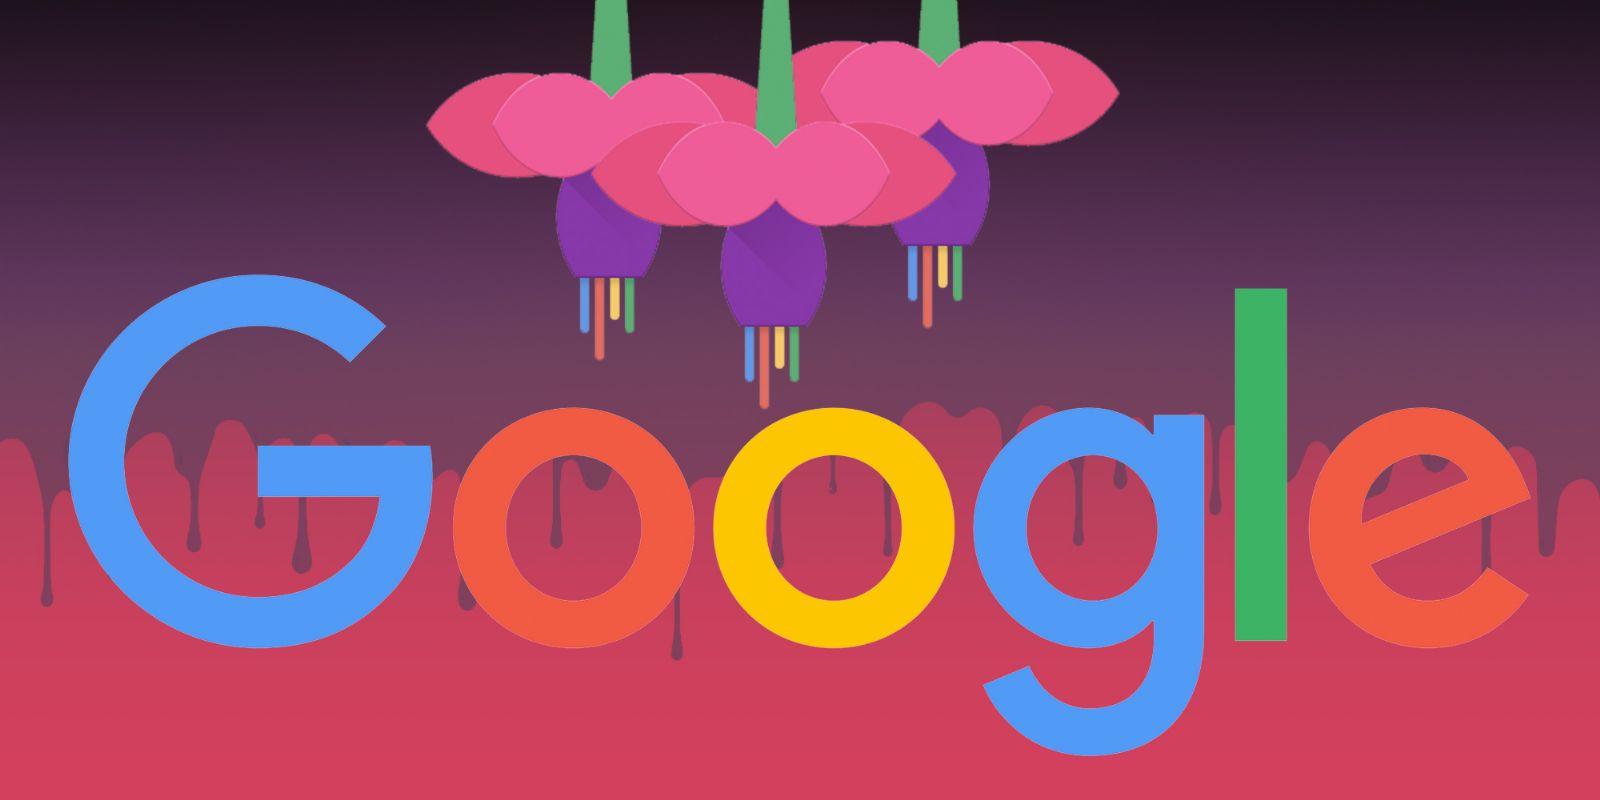 Filtran más detalles de Google Fuchsia, el sustituto de Android